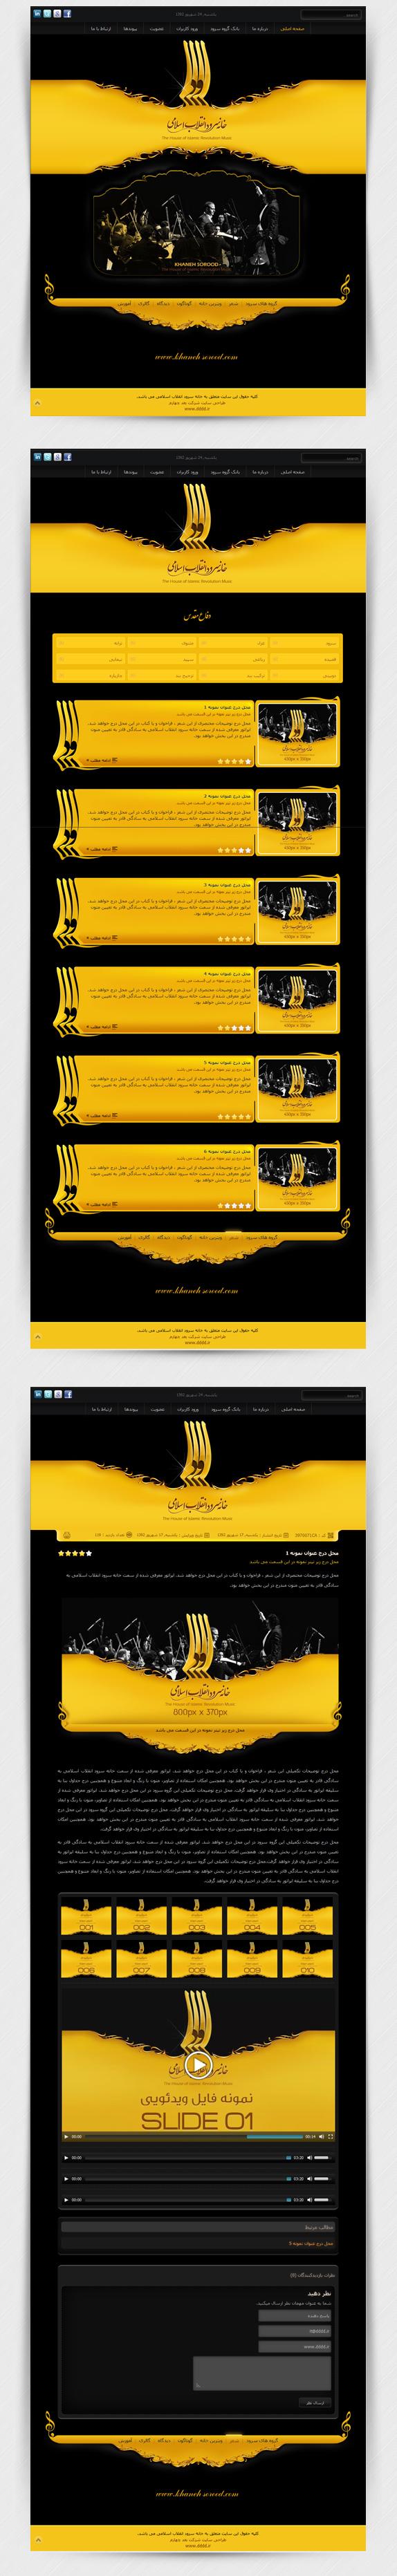 طراحی سایت خانه سرود انقلاب اسلامی توسط شرکت طراحی وب سایت بعد چهارم